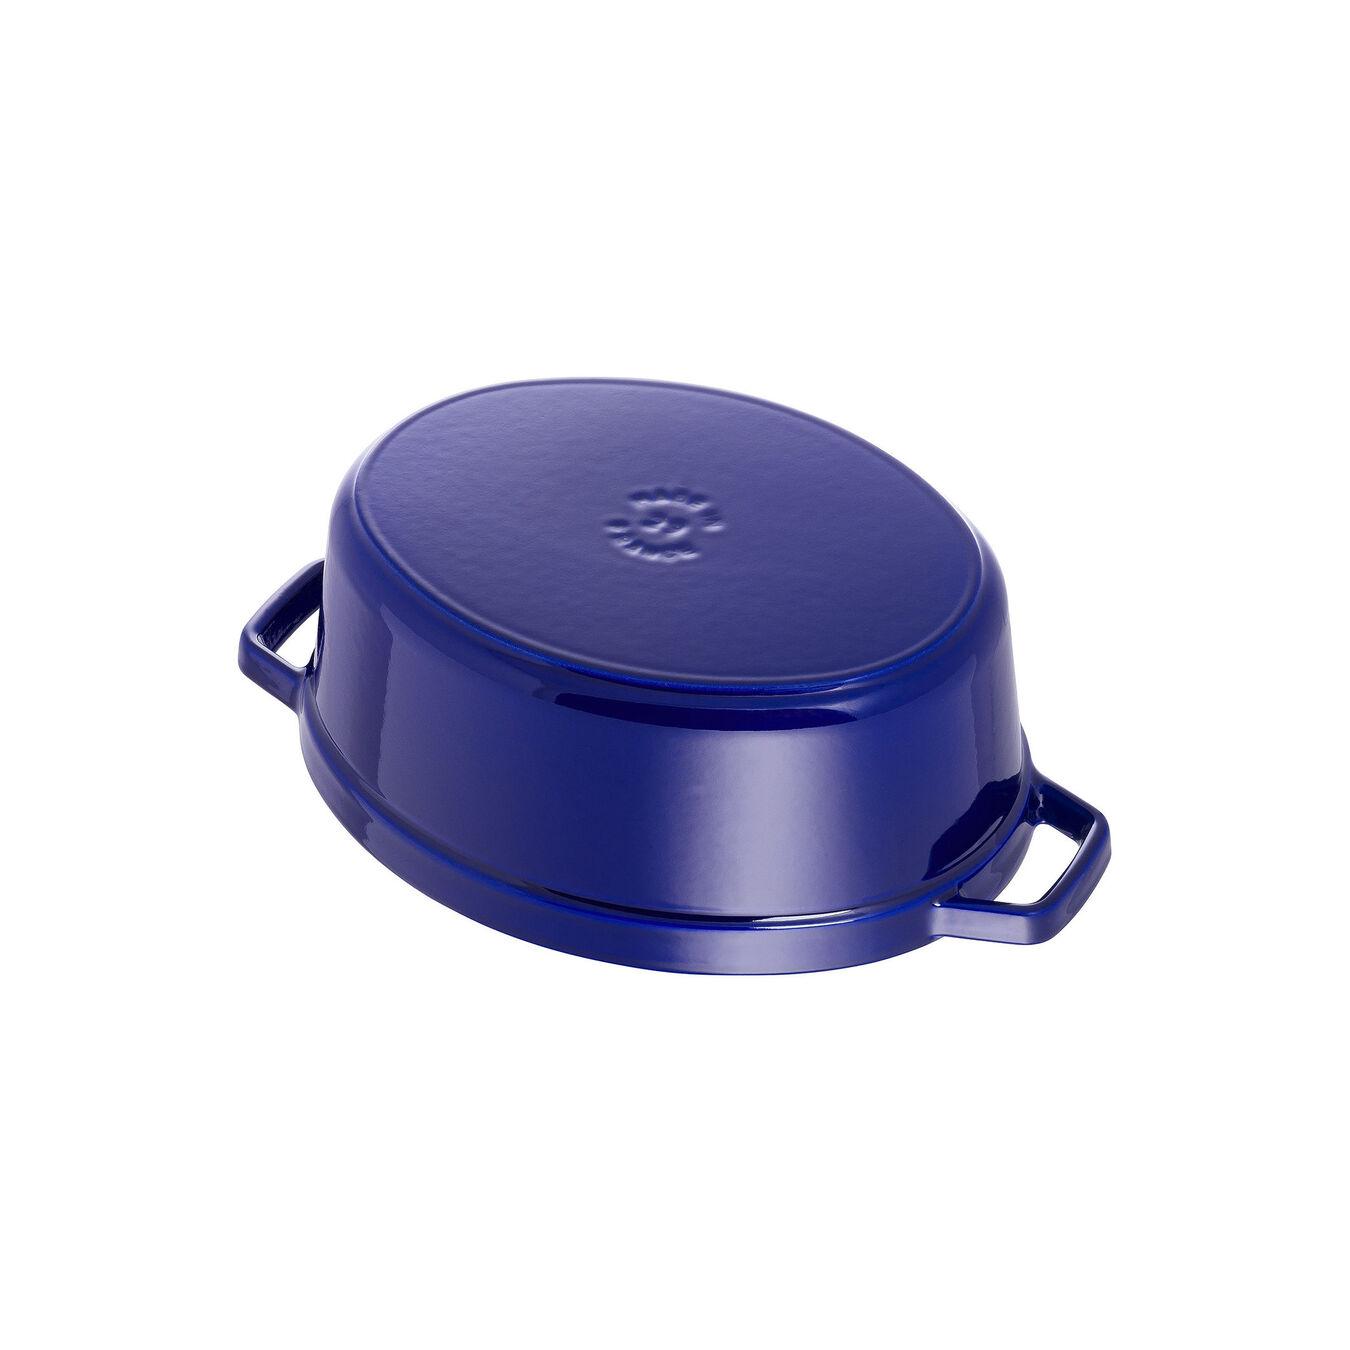 Cocotte 29 cm, Ovale, Bleu intense, Fonte,,large 4